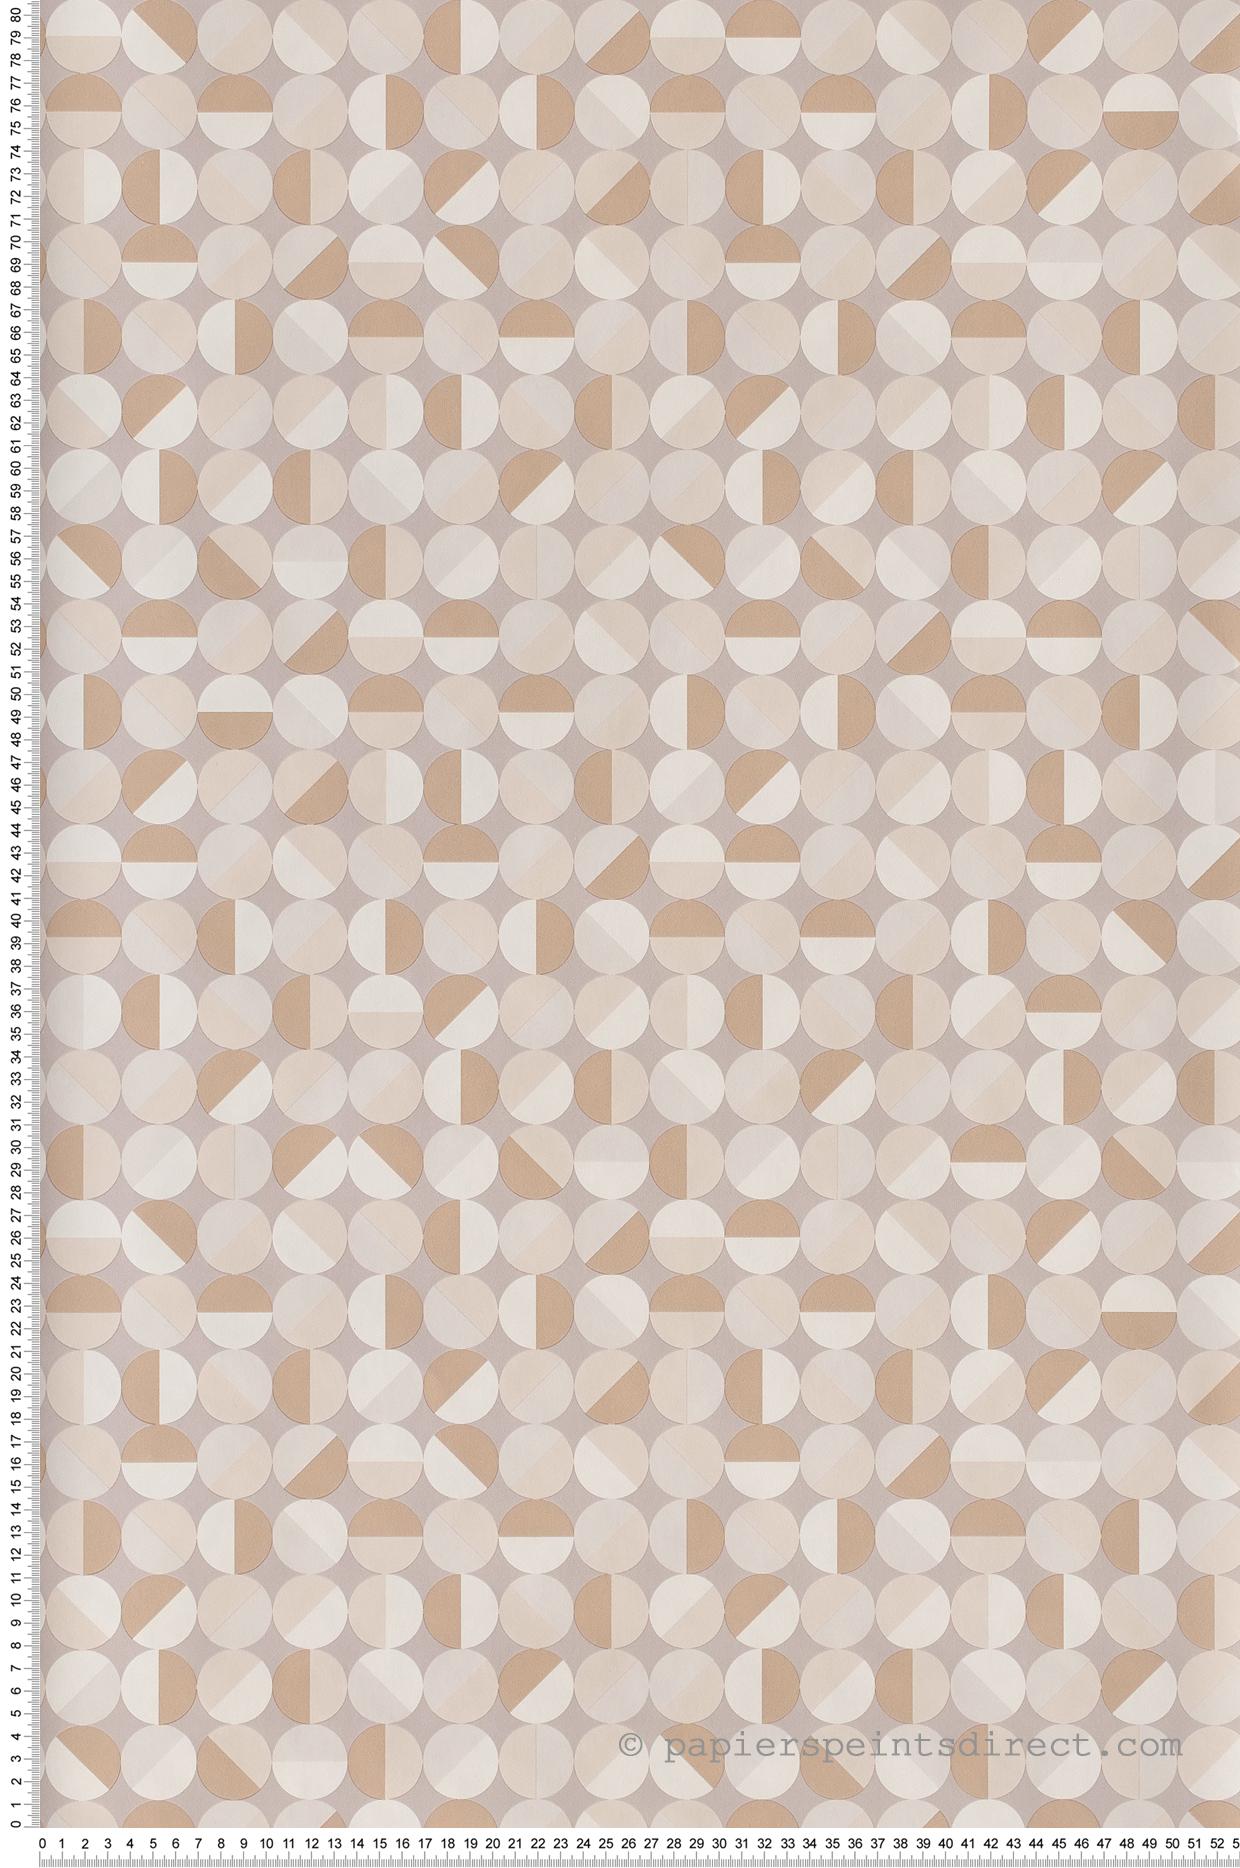 Papier peint Curves gris beige - Spaces de Casélio | Réf. SPA100141013